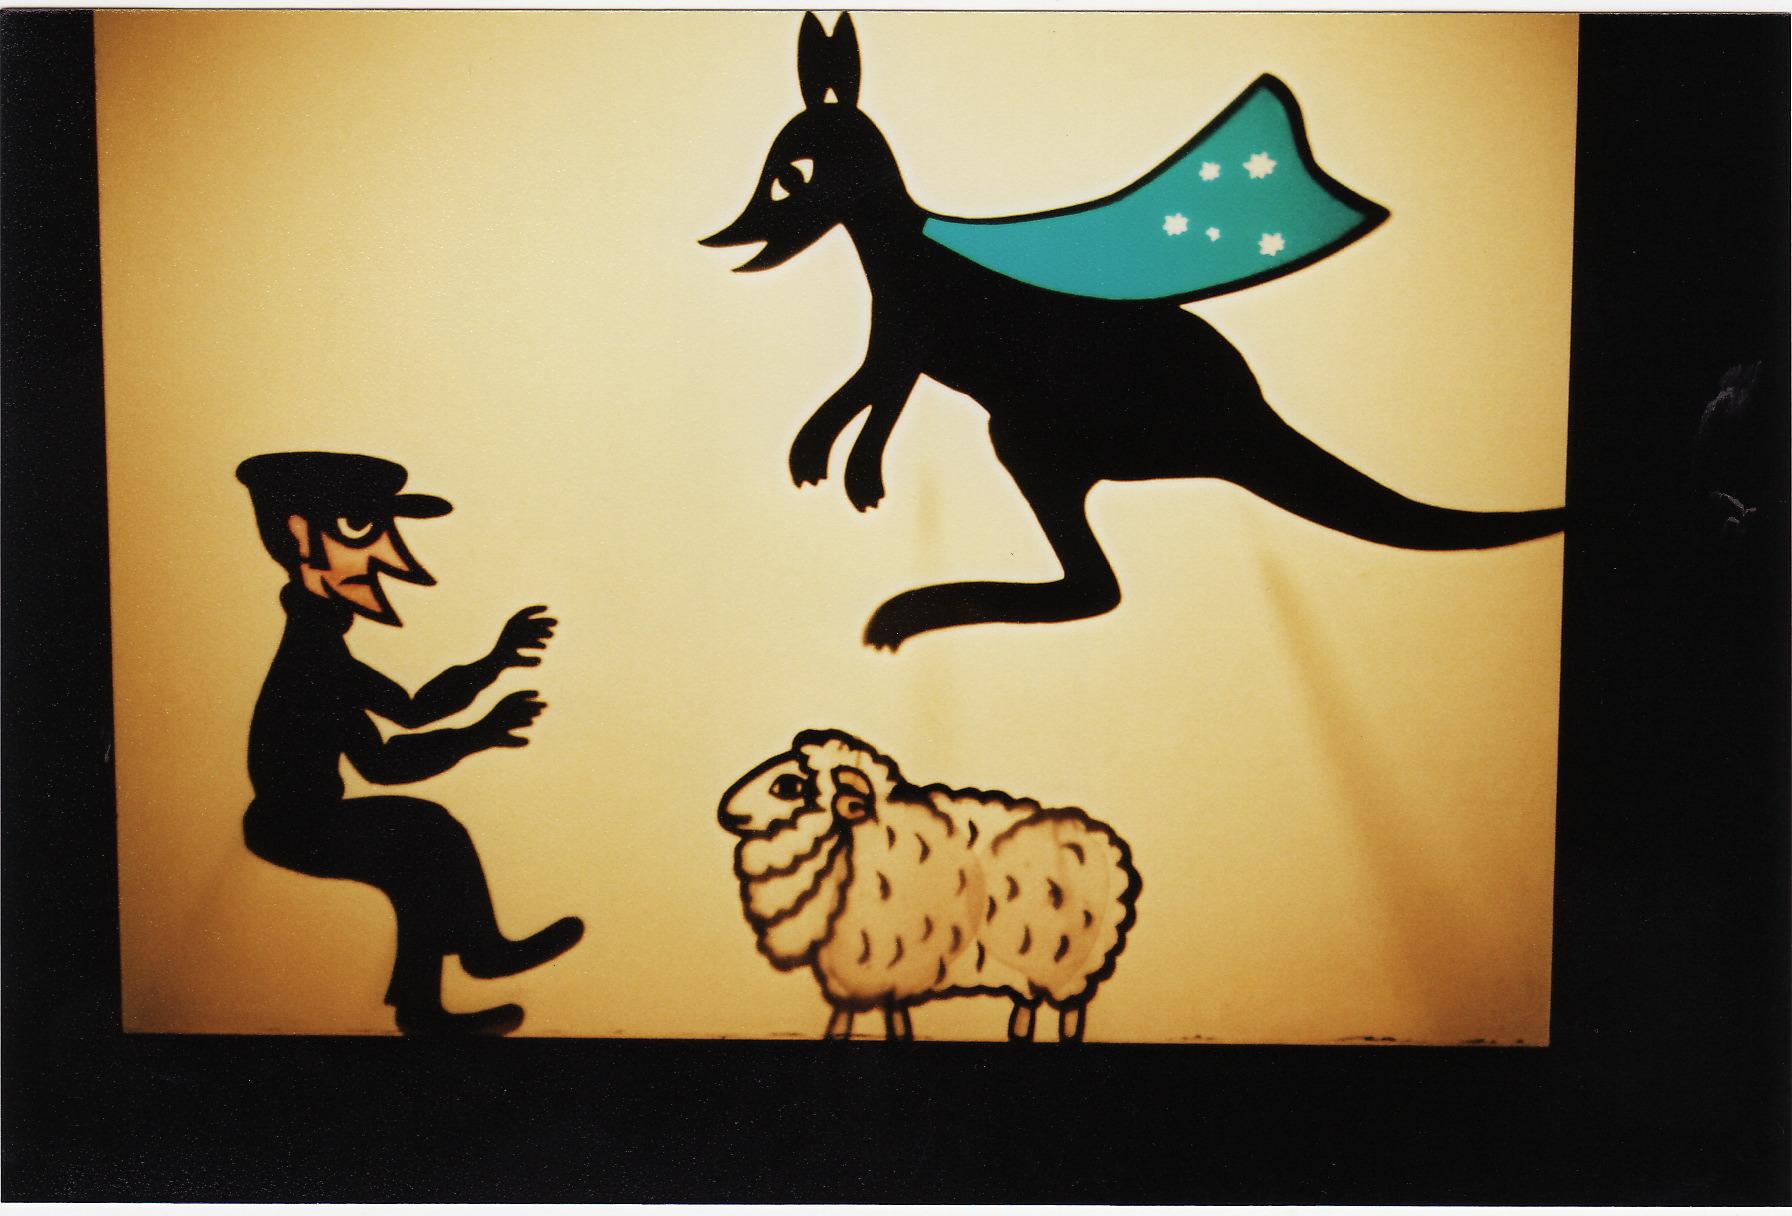 Super Kangaroo et un voleur de moutons, le théâtre d'ombres de Ri<em>c</em>hard Bradshaw de Living Dodo Puppets (R. Bradshaw et M. Williams, Bowral, NSW, Australie). Photo: Margaret Williams